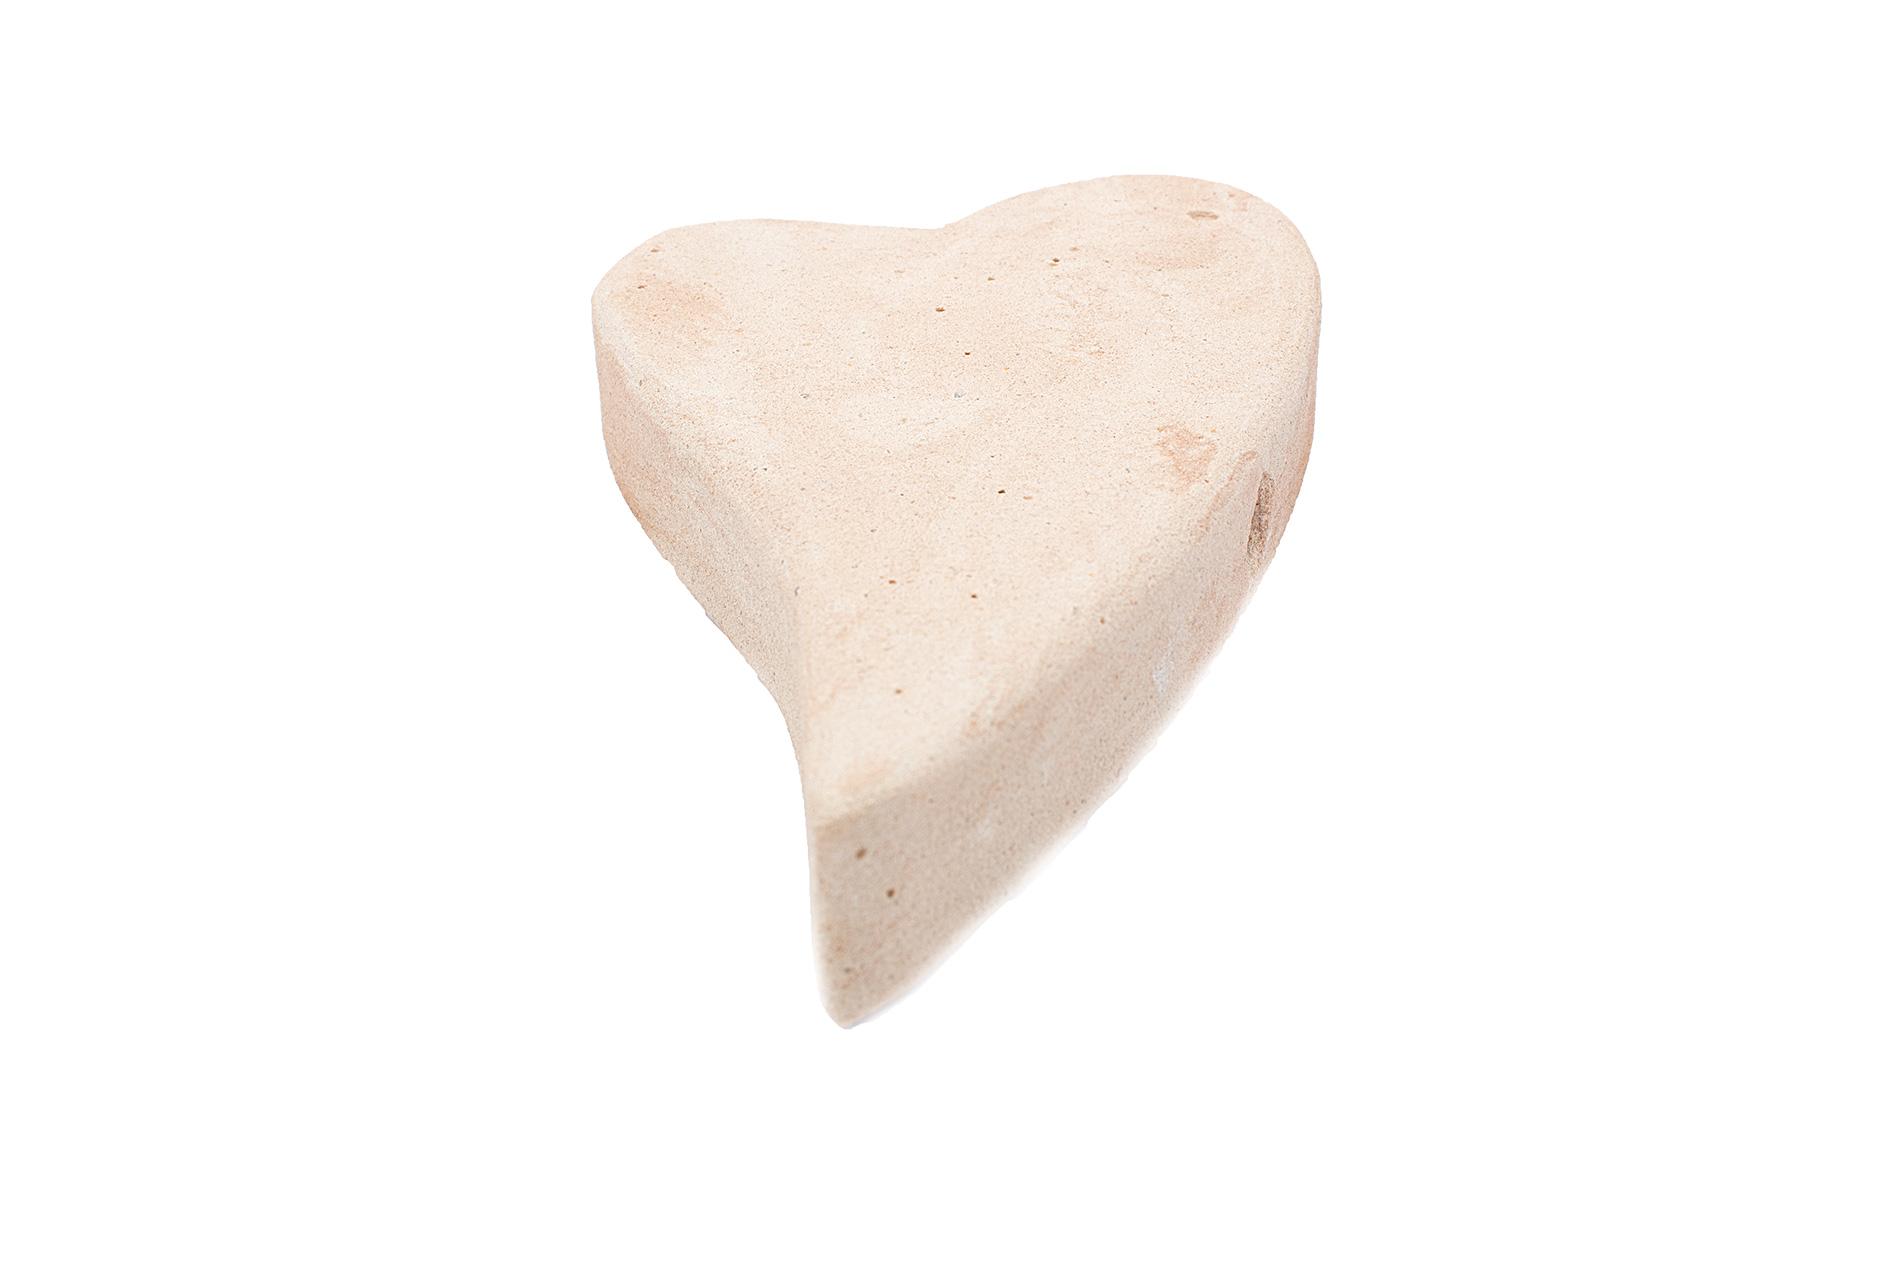 Sandsteinherz, geschwungen mit Bohrung, 21x12x3,5cm